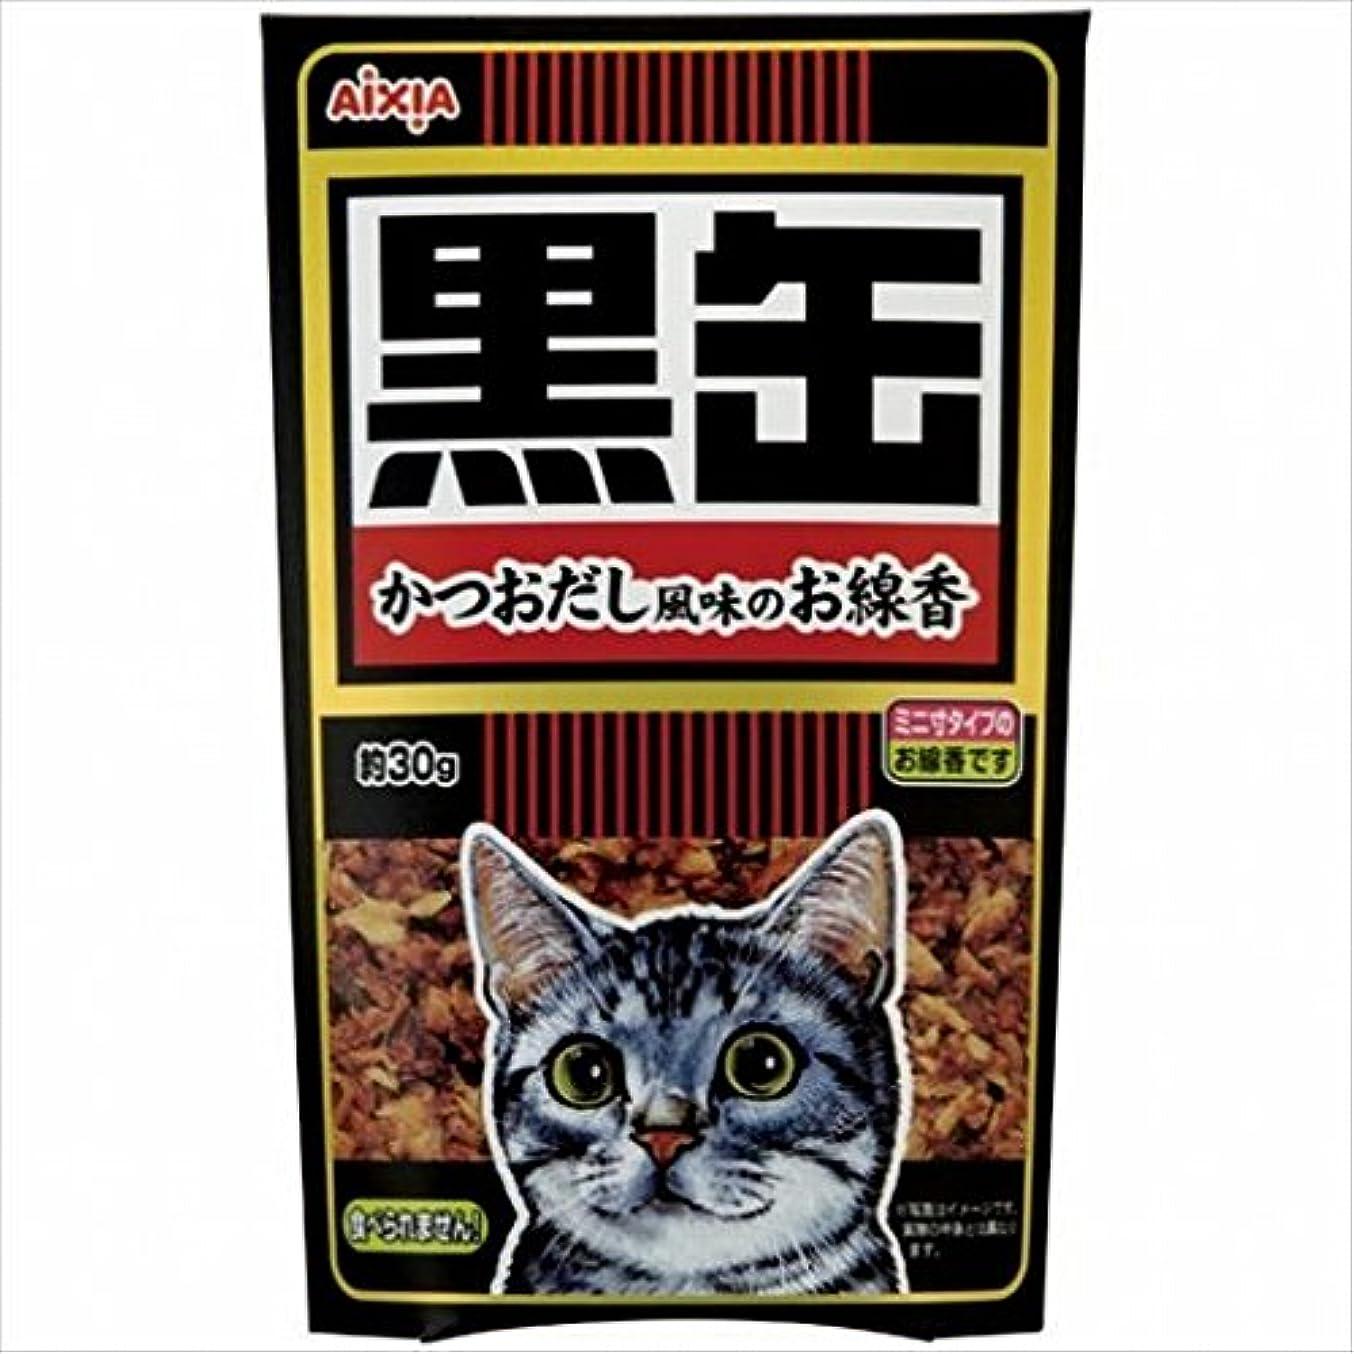 日没ディレクター教養があるカメヤマキャンドル(kameyama candle) 黒缶 線香